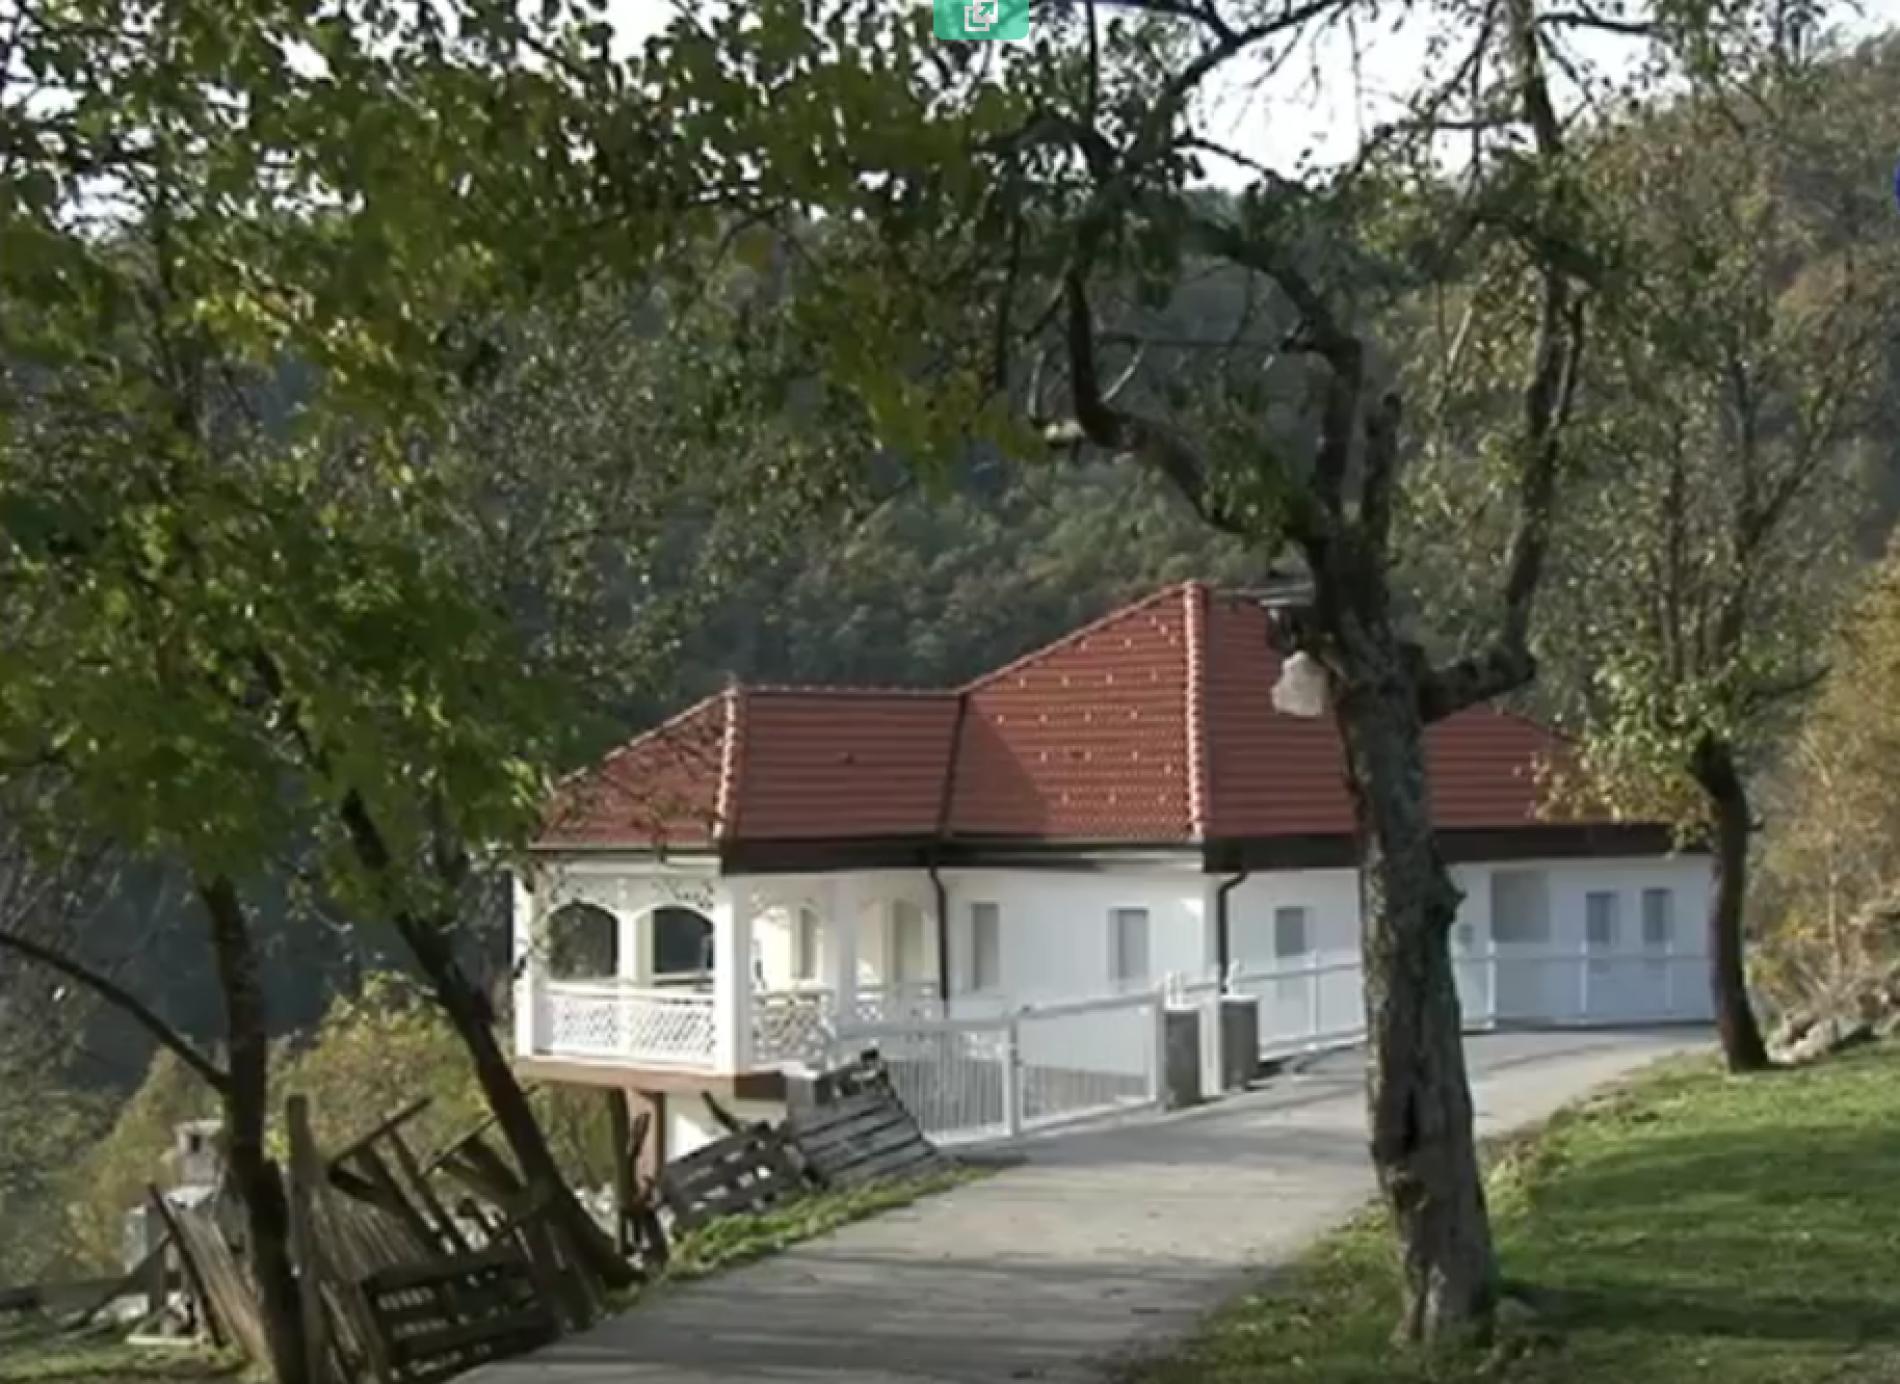 Daljegošta, selo na kraju Bosne, gdje je život dovoljno dobar (Video)